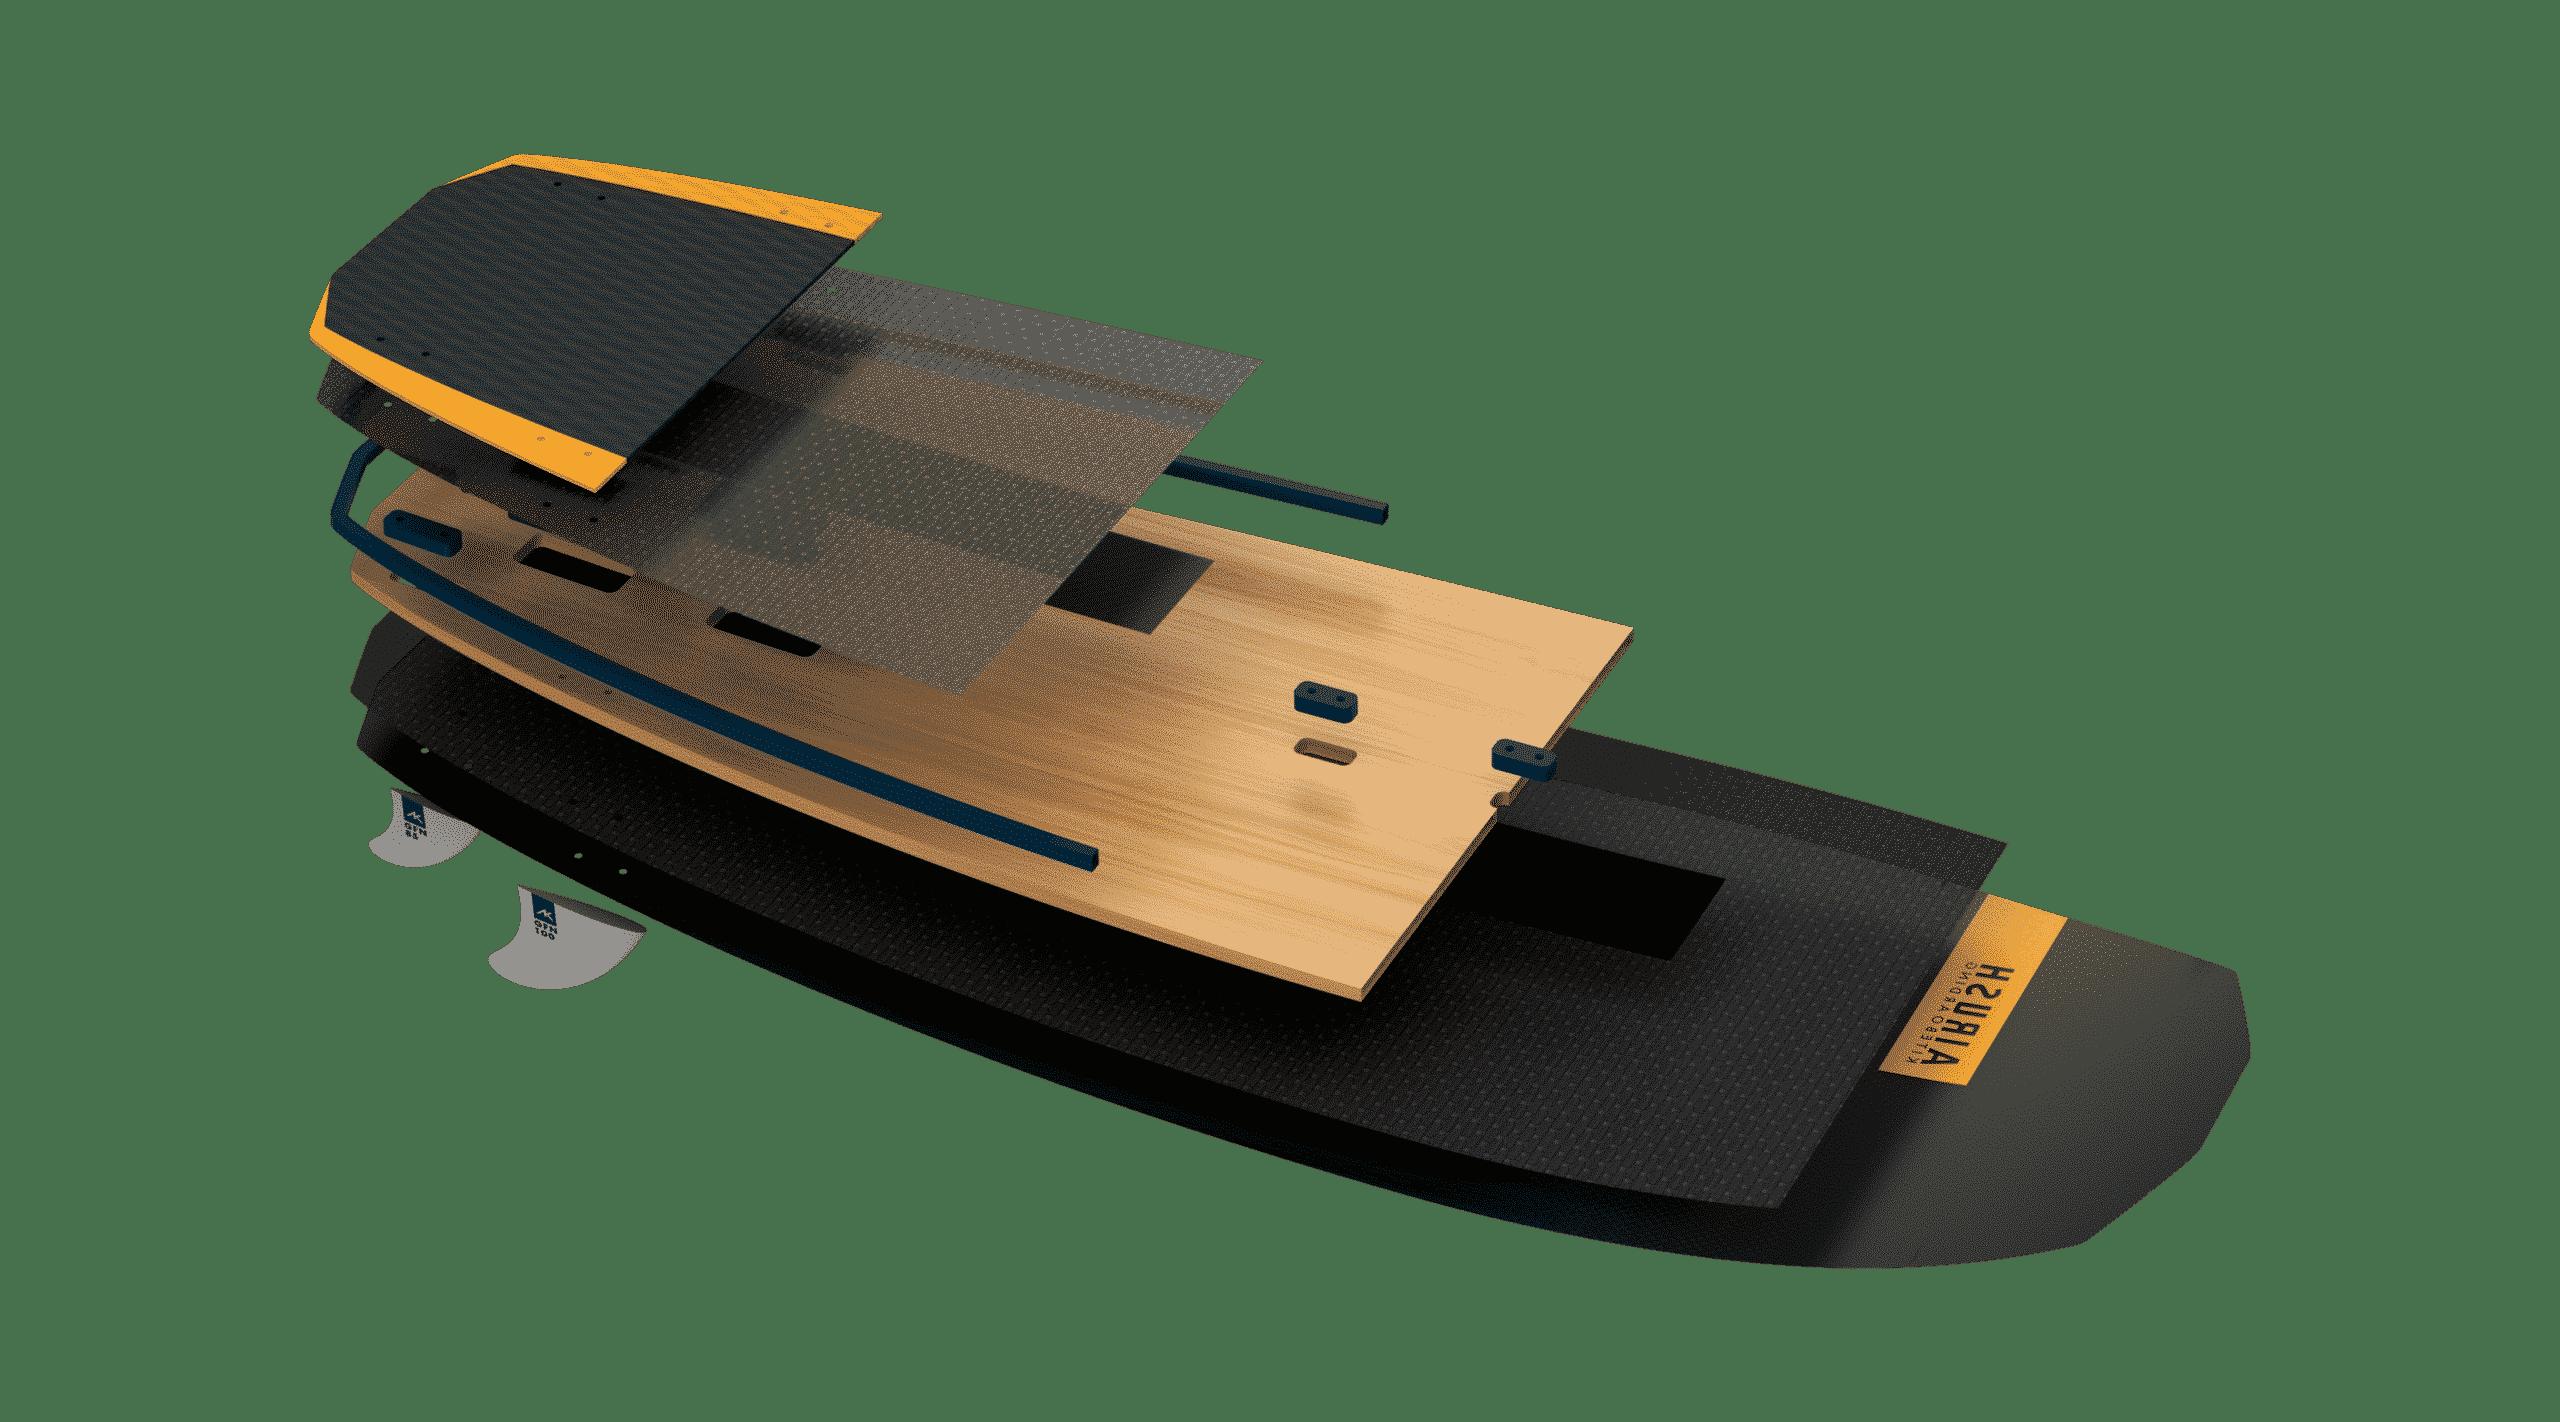 Foil Skate 2